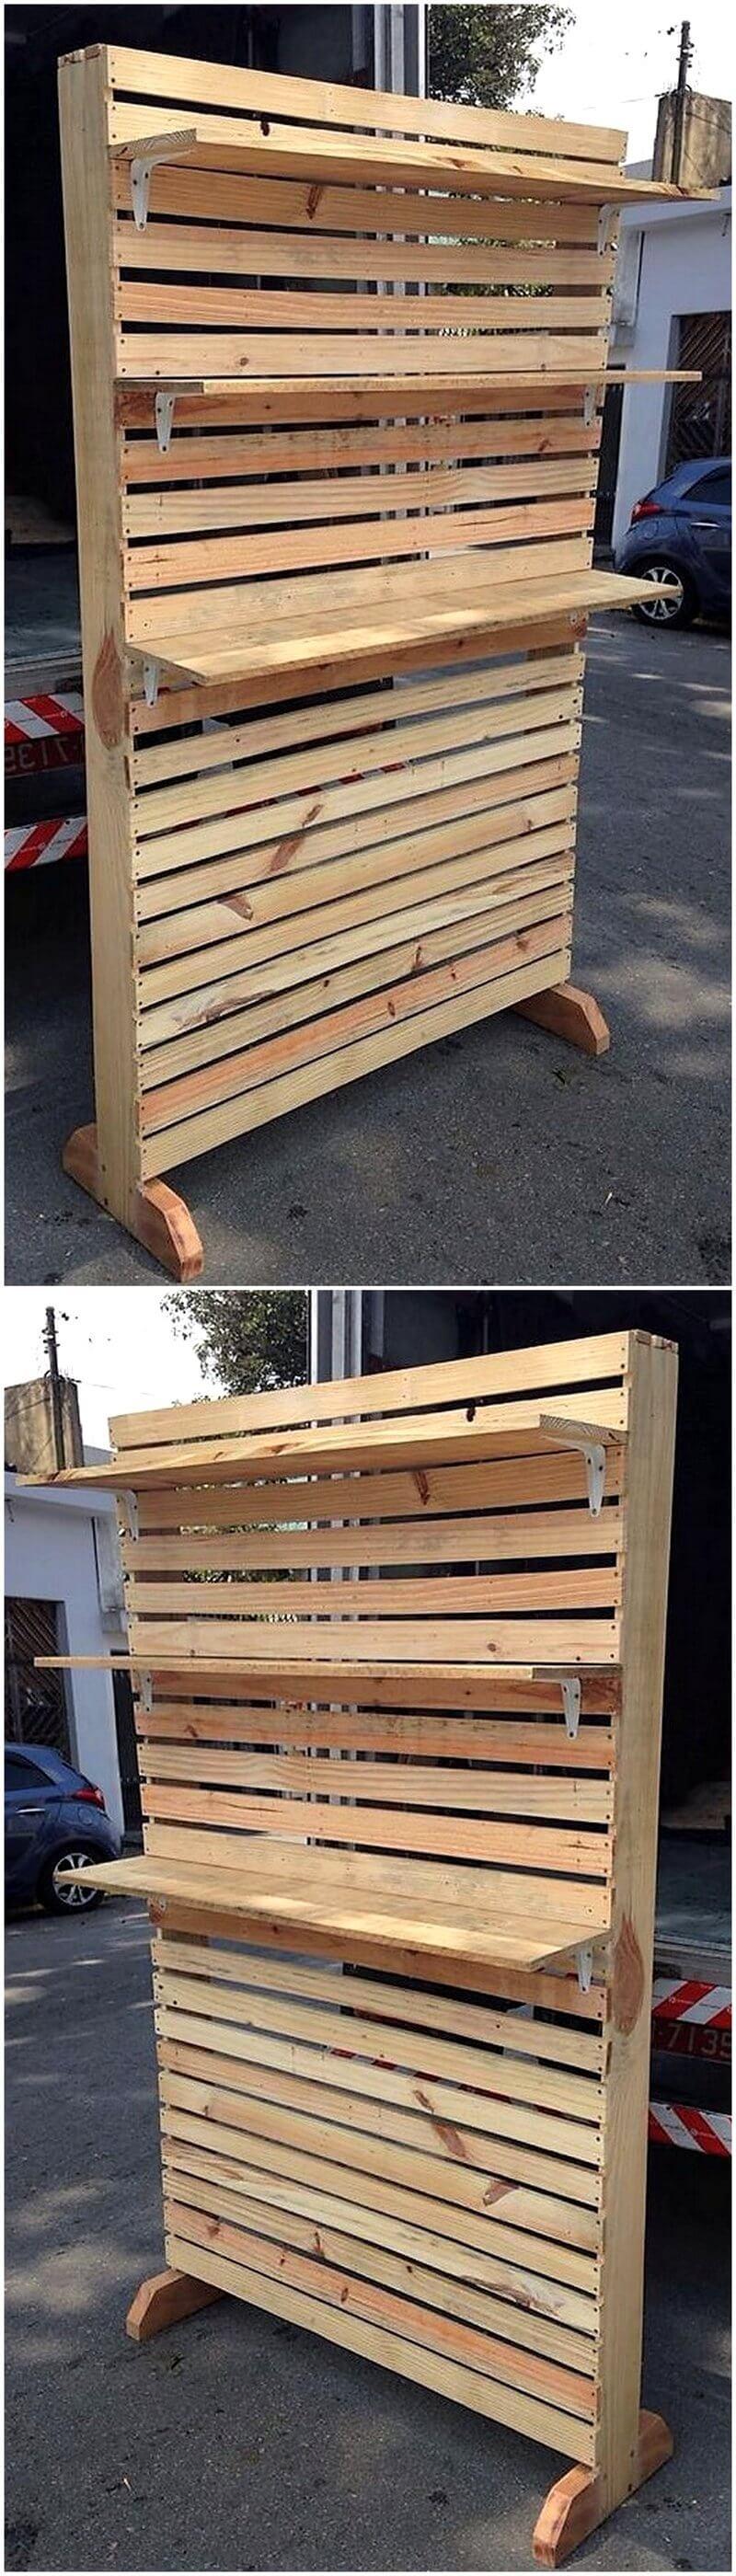 pallet shelving rack